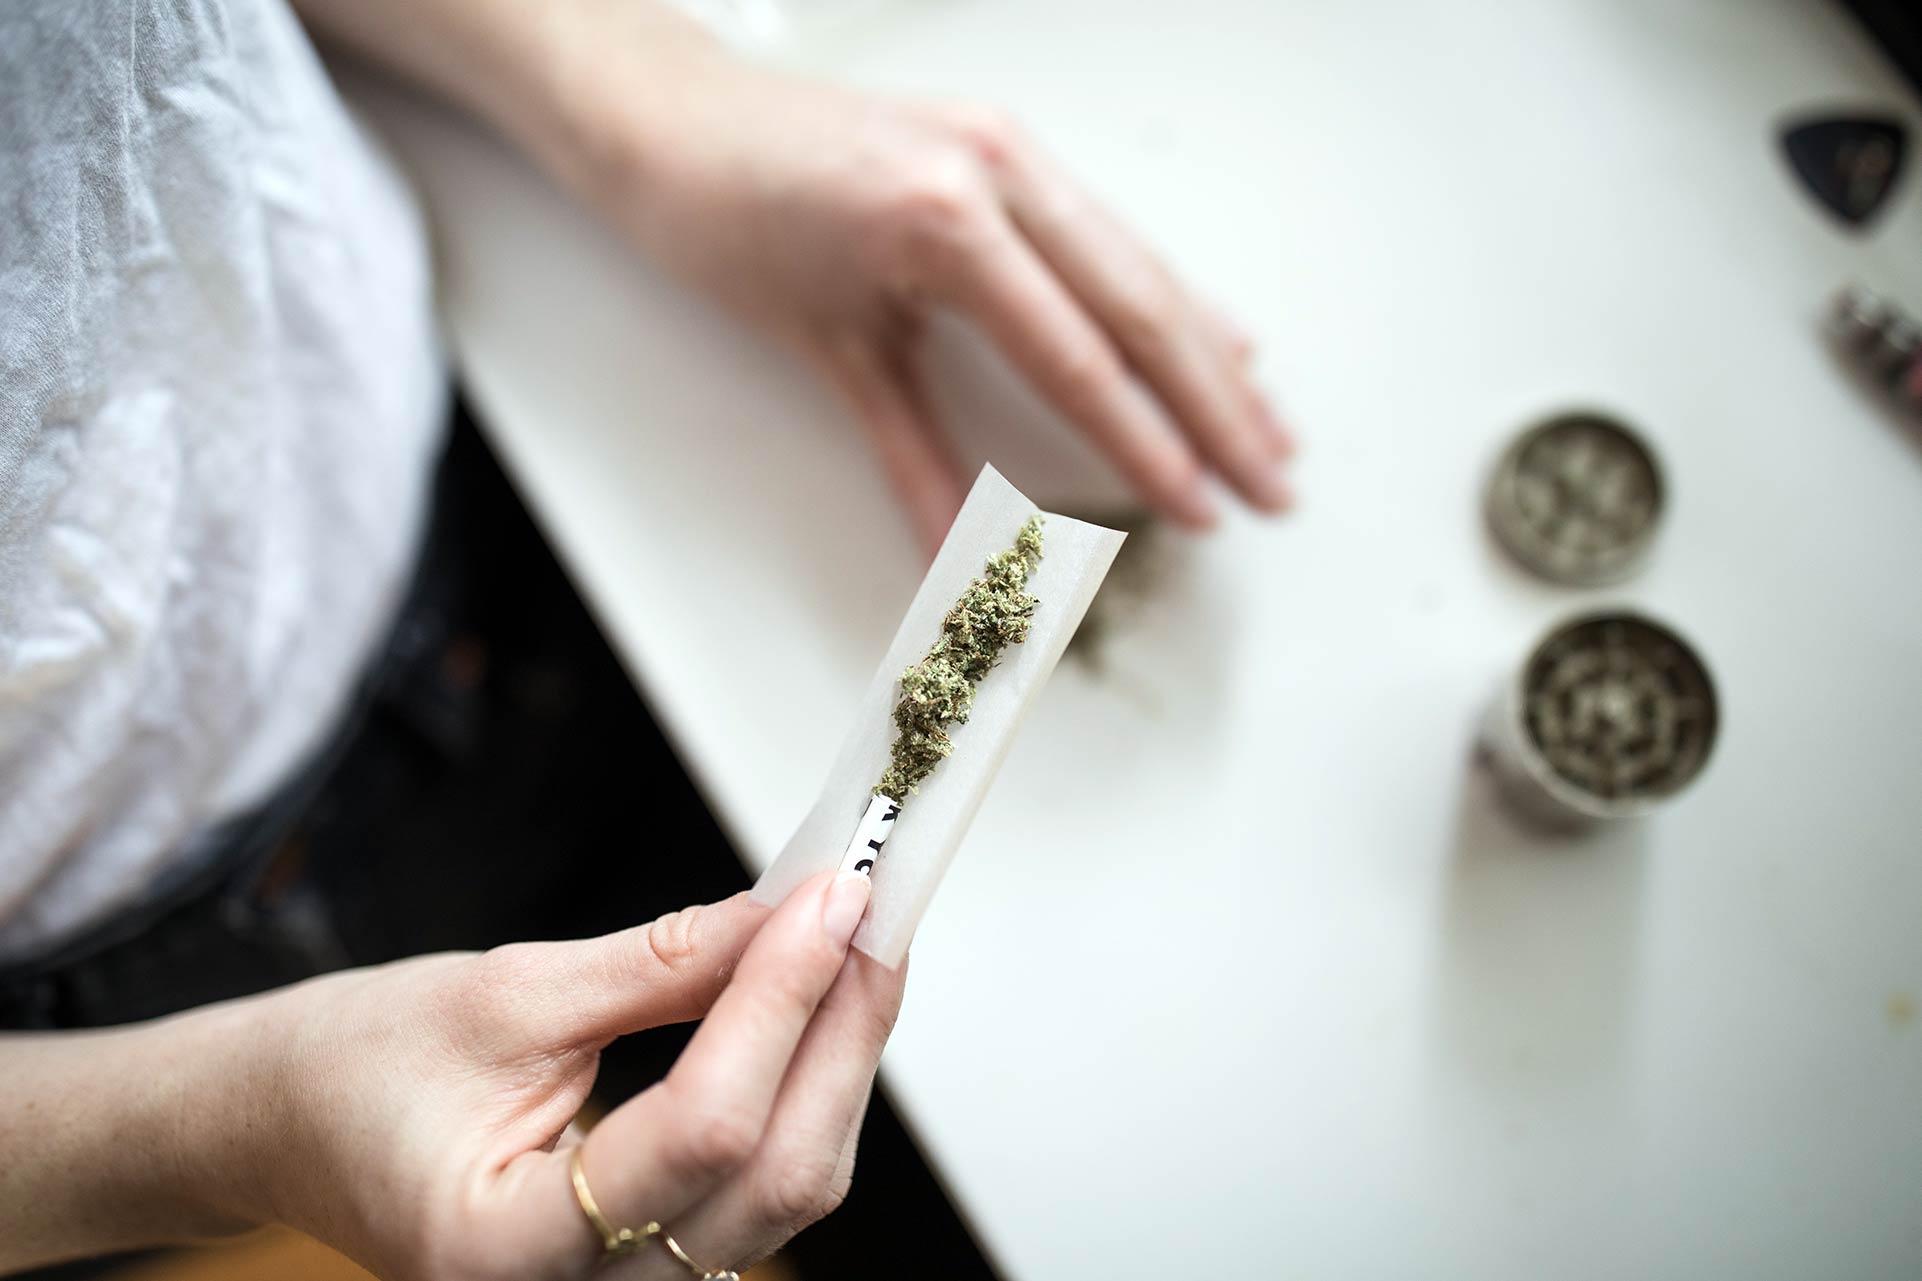 Cannabis Sales in Colorado Could Reach $2 Billion in 2020